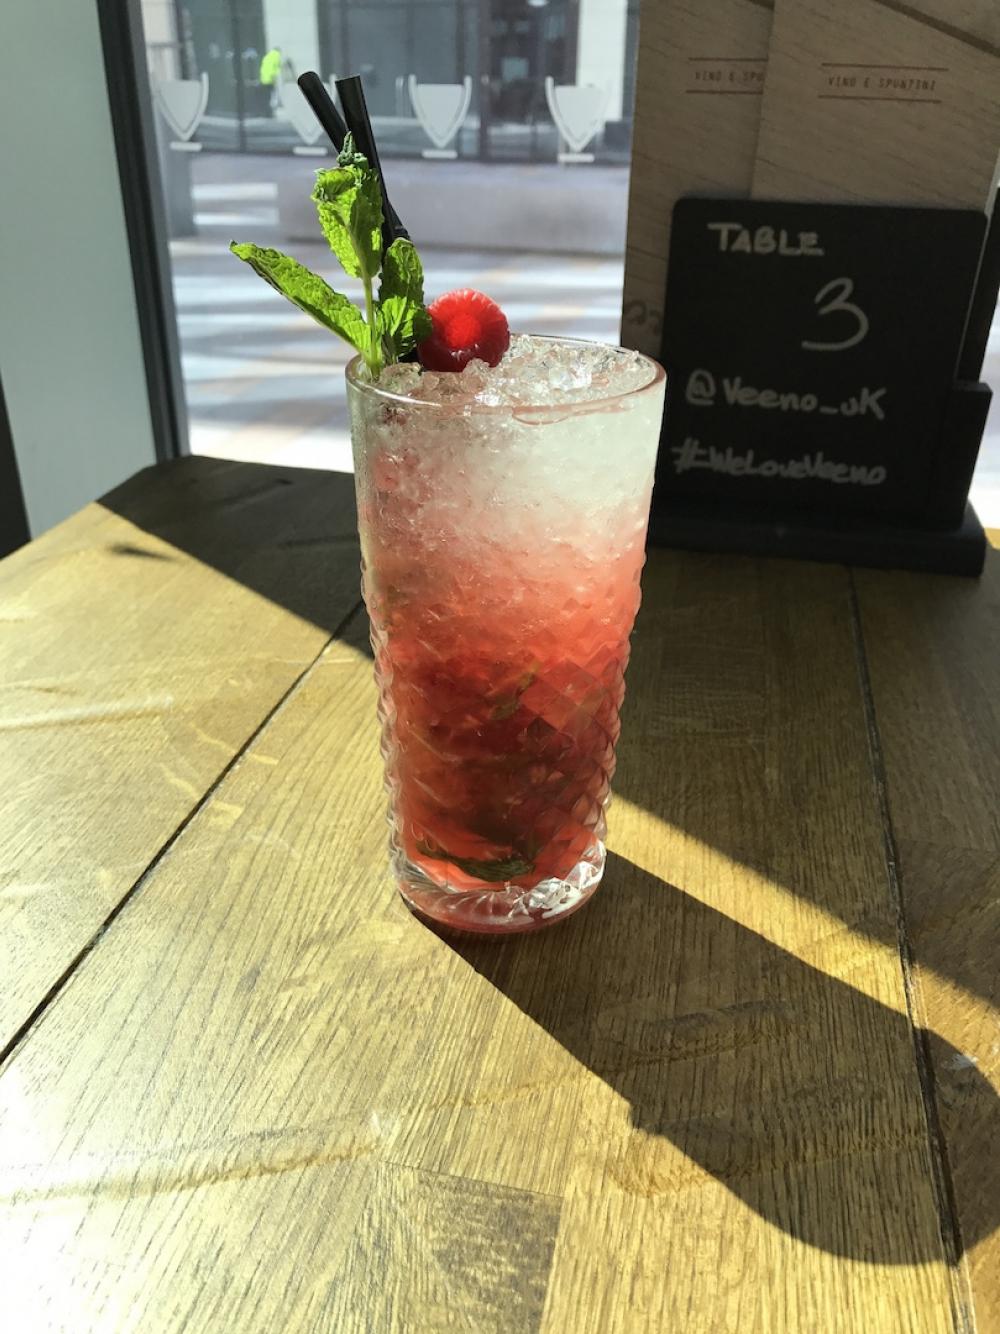 2017 07 25 Veeno Cocktails Prosecco Mojito